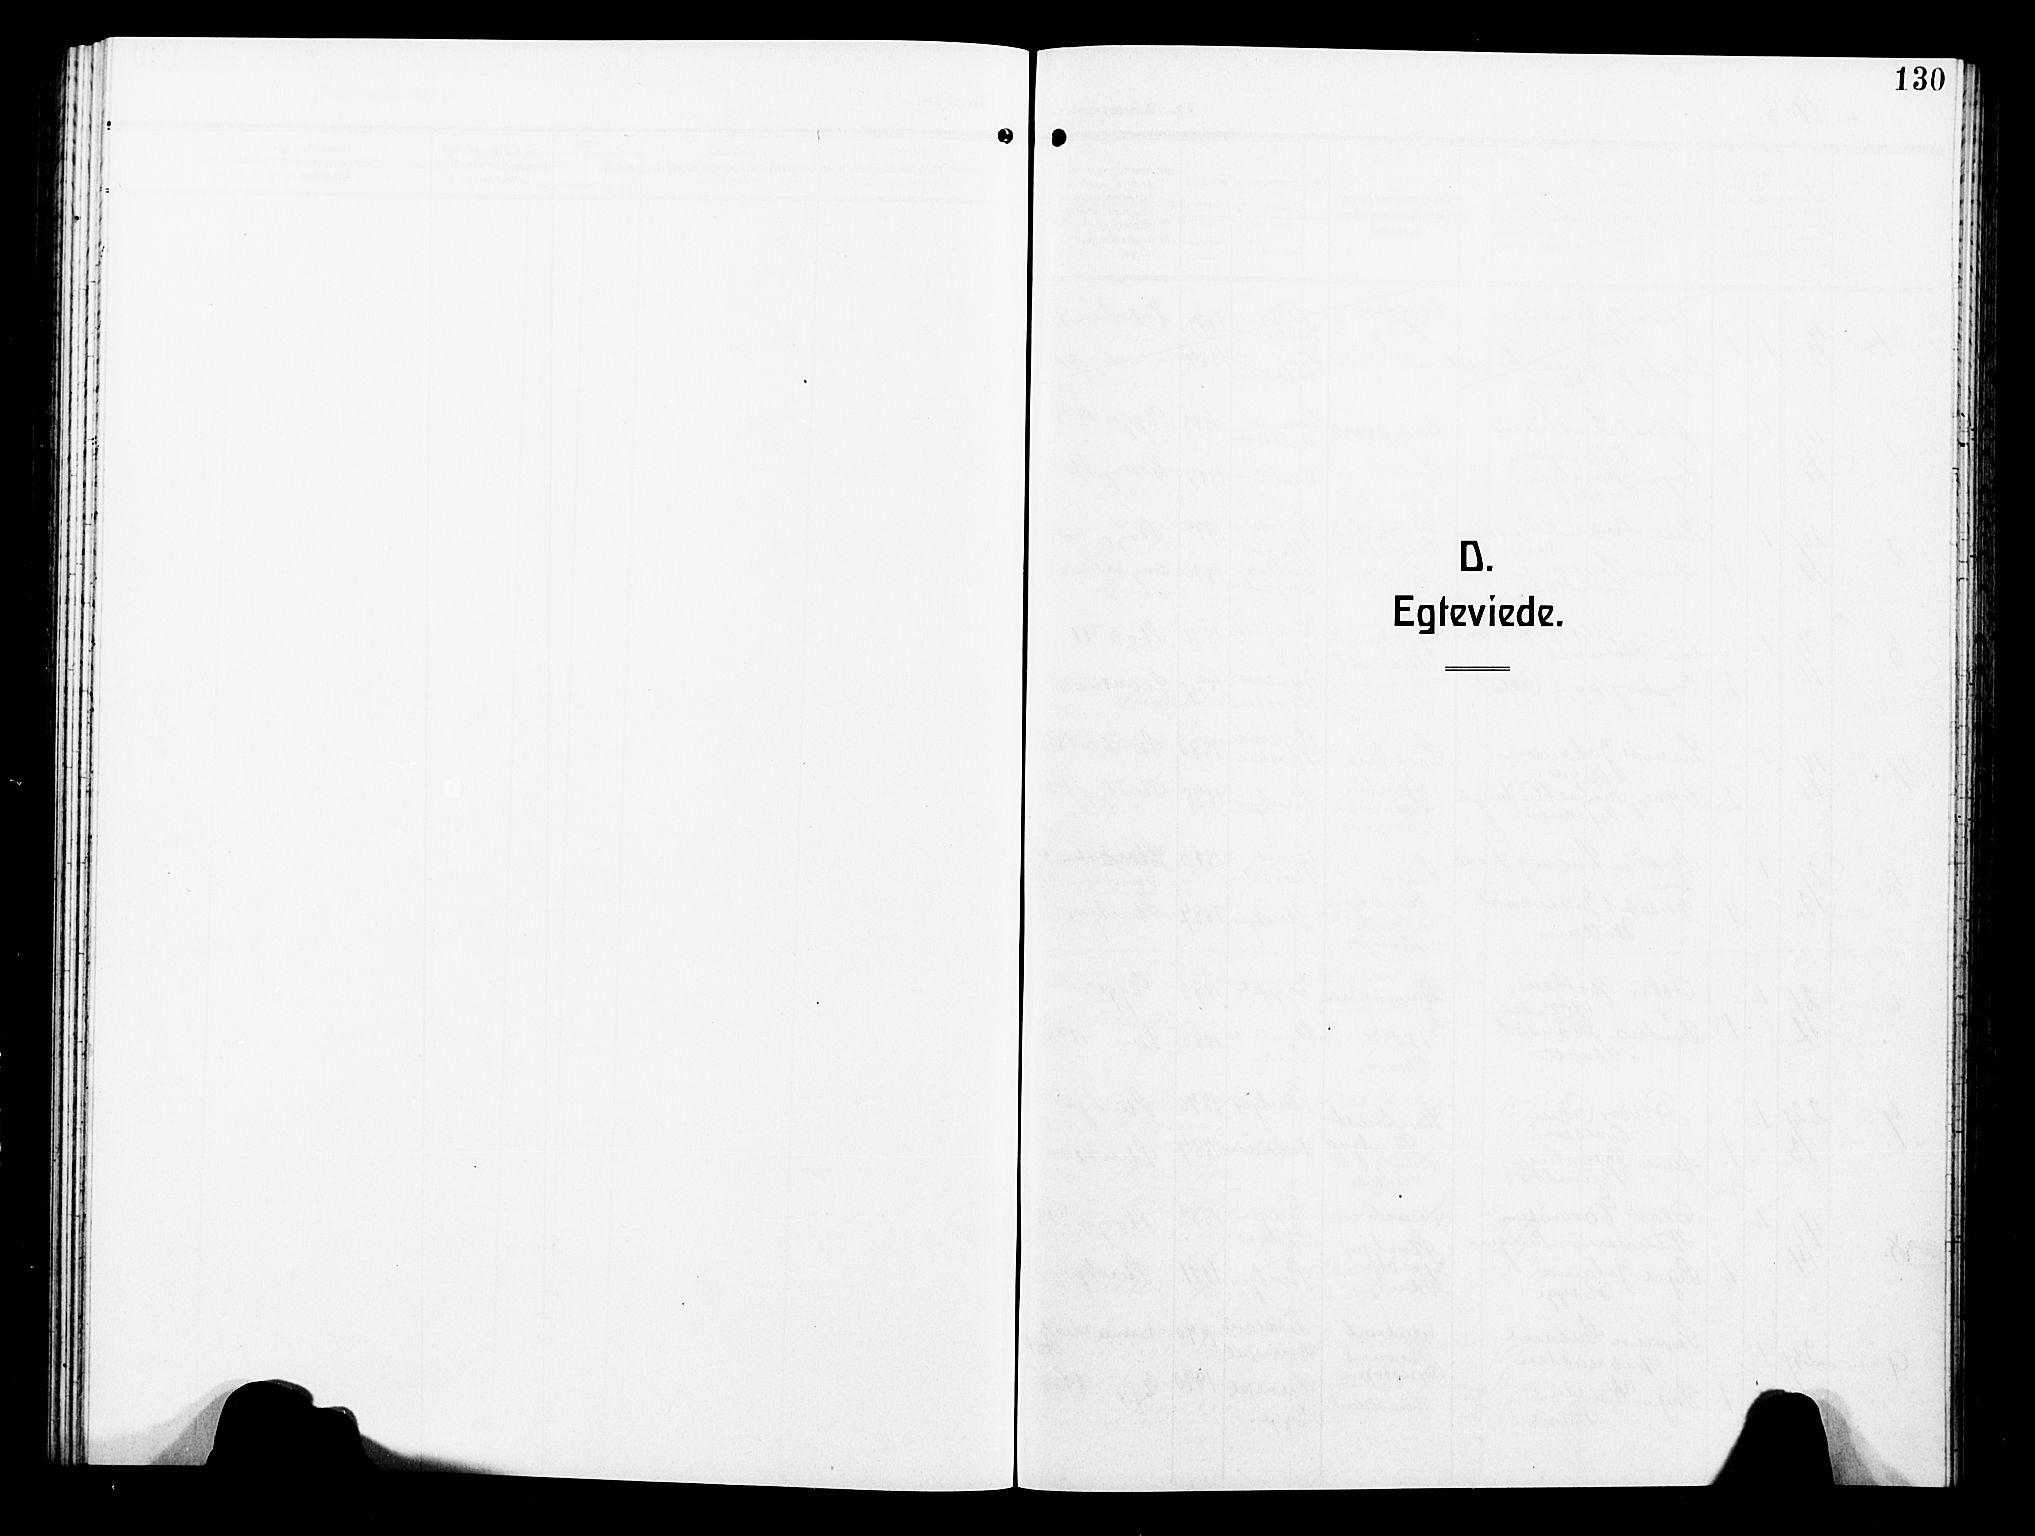 SAT, Ministerialprotokoller, klokkerbøker og fødselsregistre - Nord-Trøndelag, 739/L0376: Klokkerbok nr. 739C04, 1908-1917, s. 130